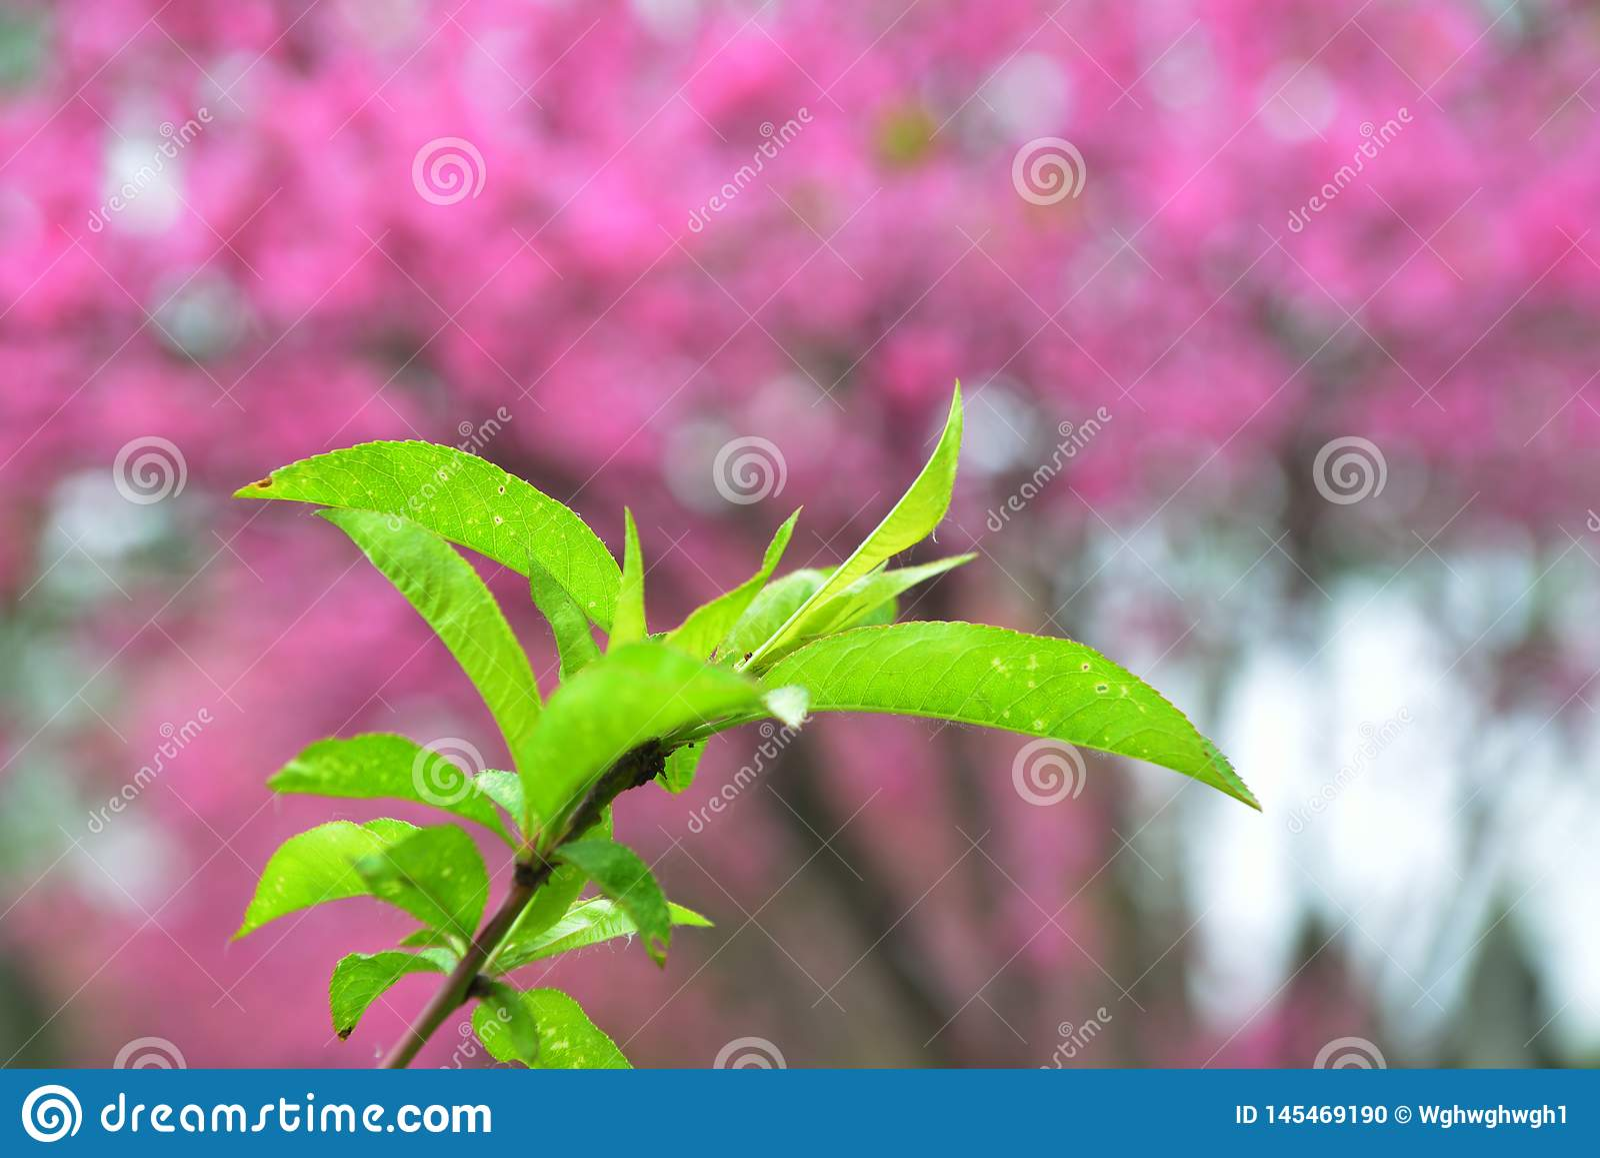 Groen blad tegen rode achtergrond